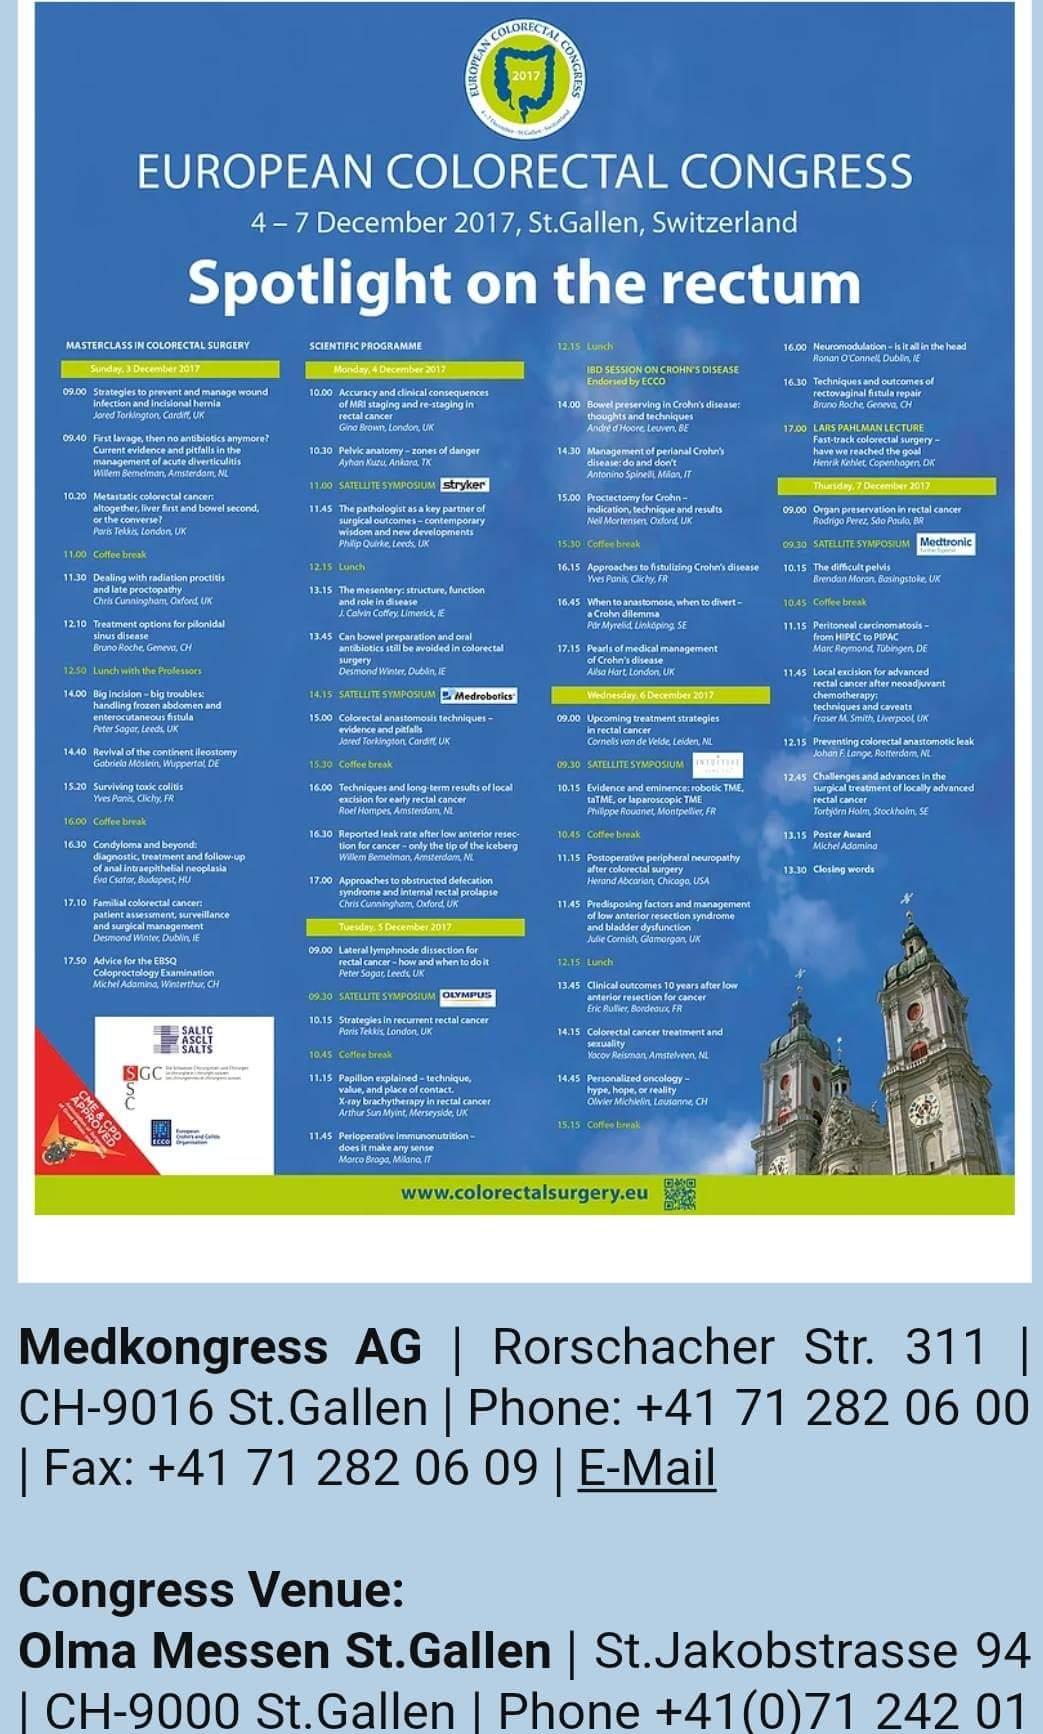 Ευρωπαϊκό συνέδριο χειρουργικής παχέος εντέρου και πρωκτού